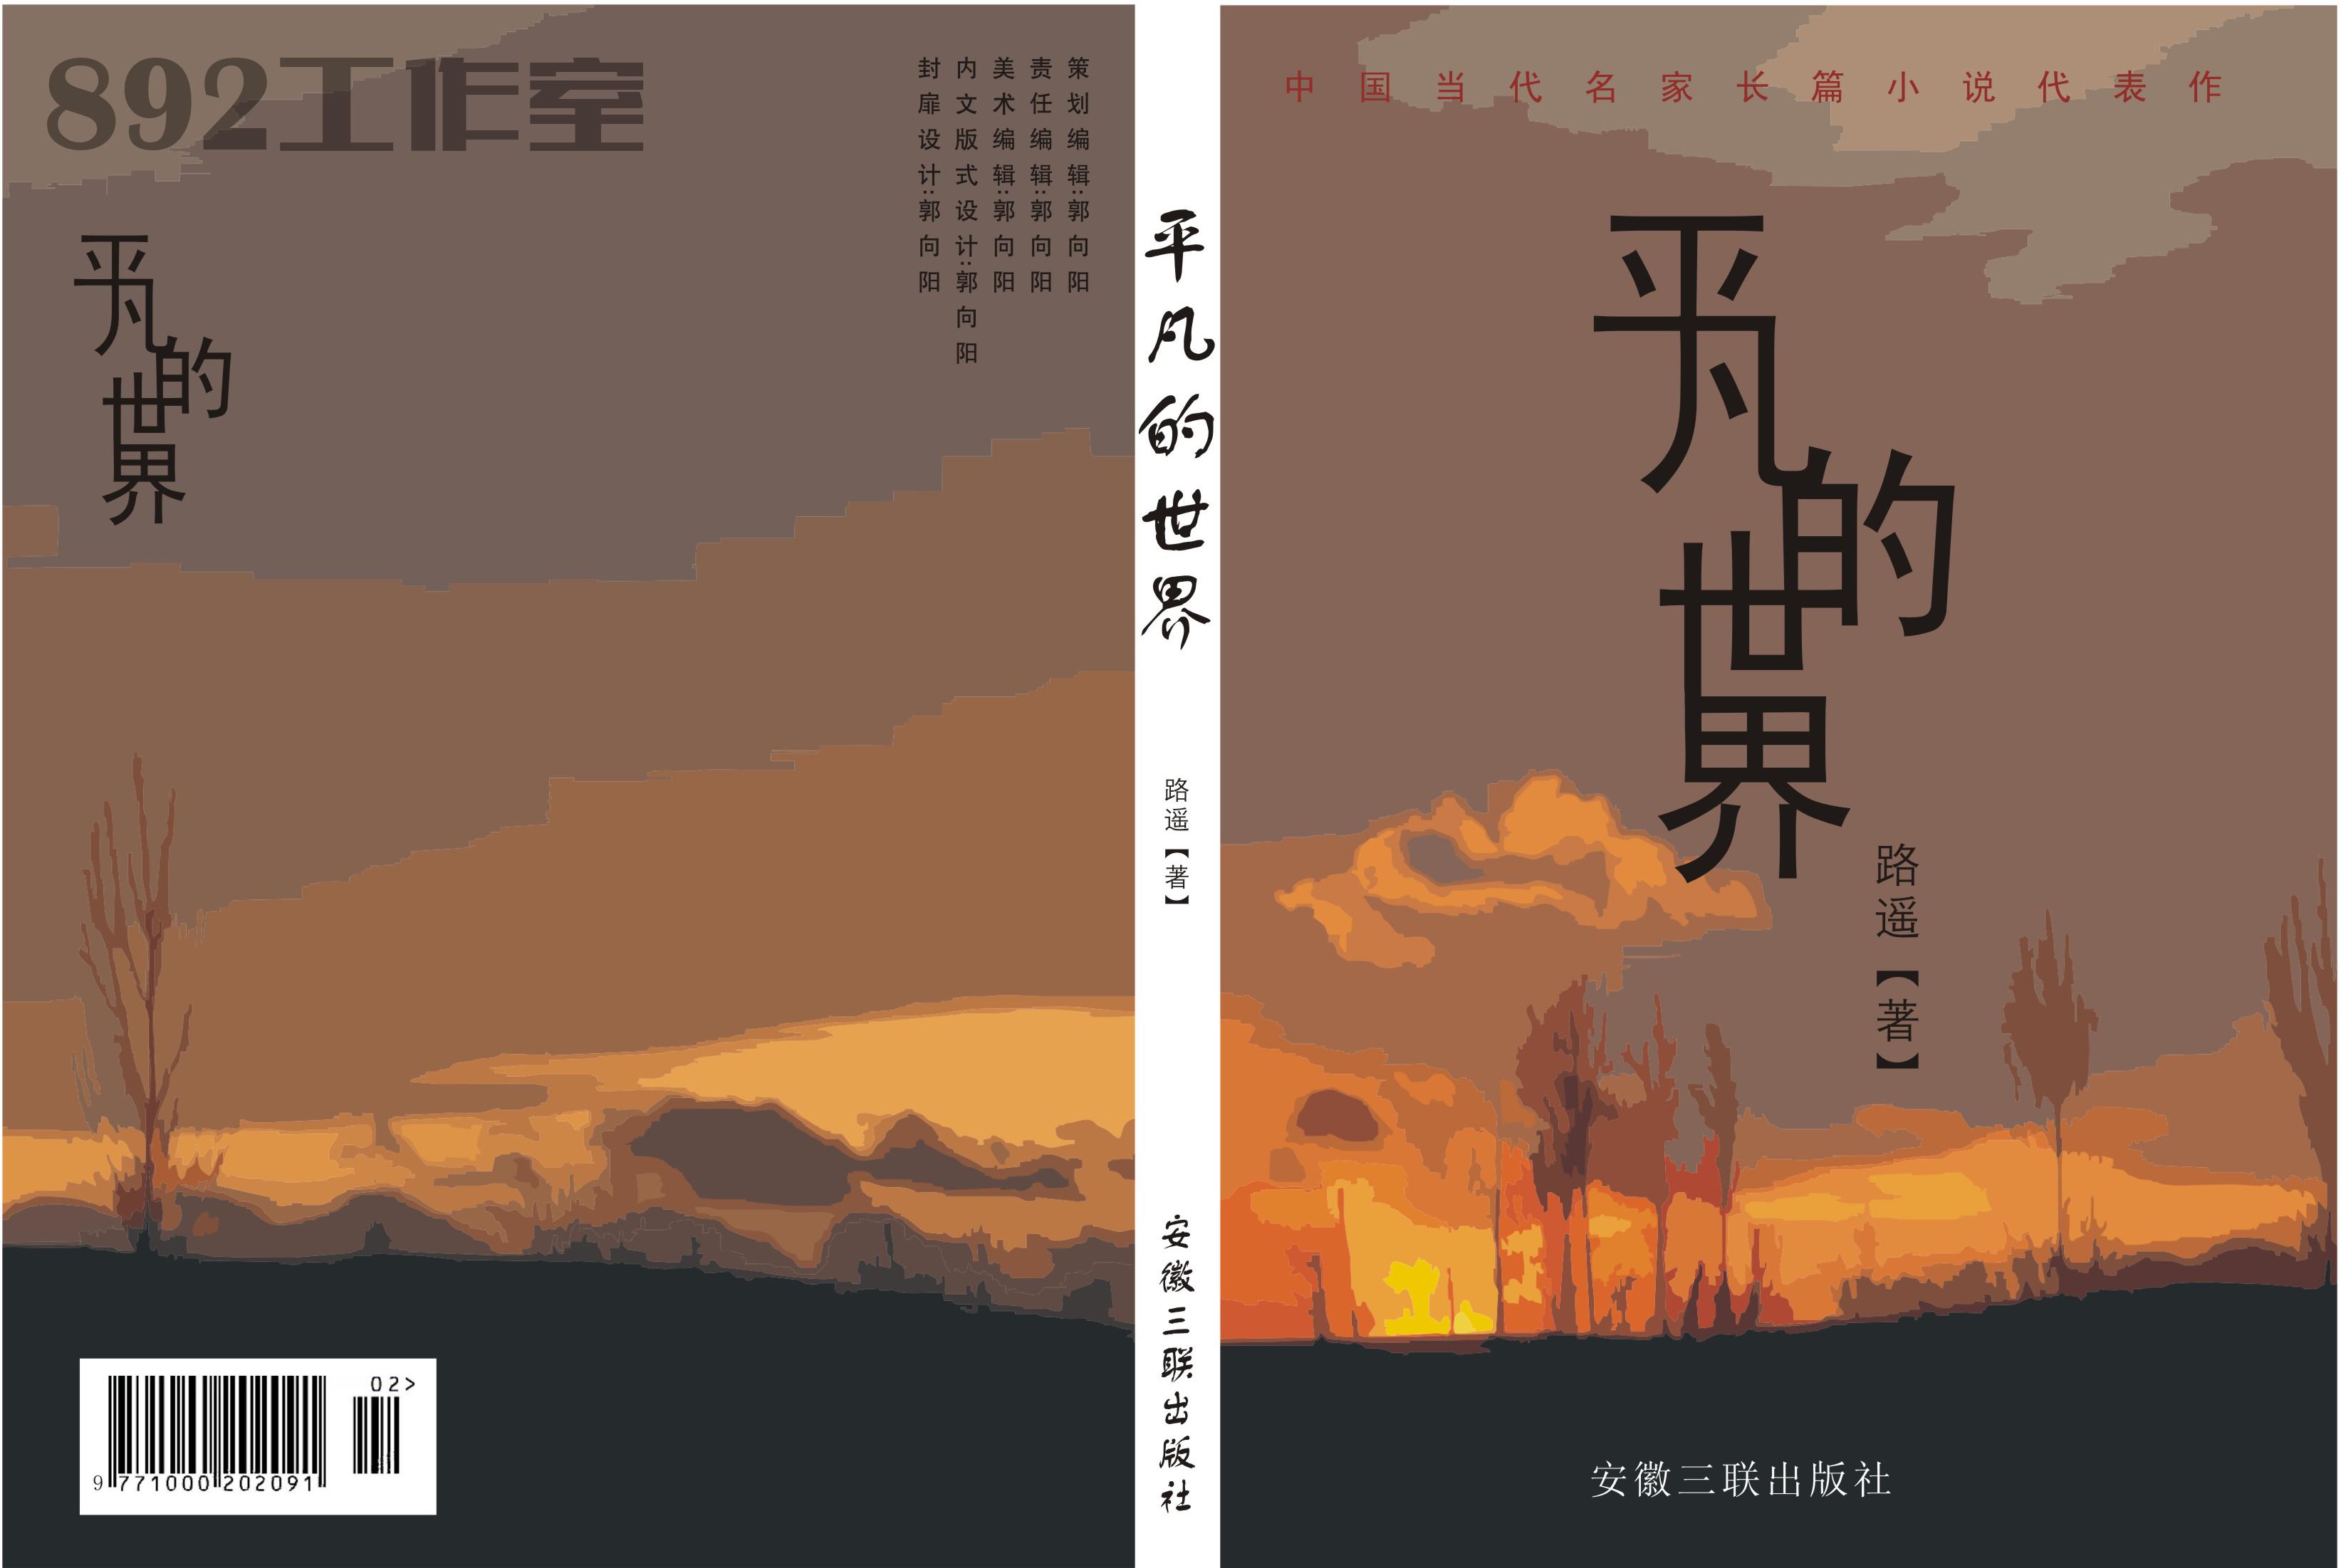 二年级画书的封面设计